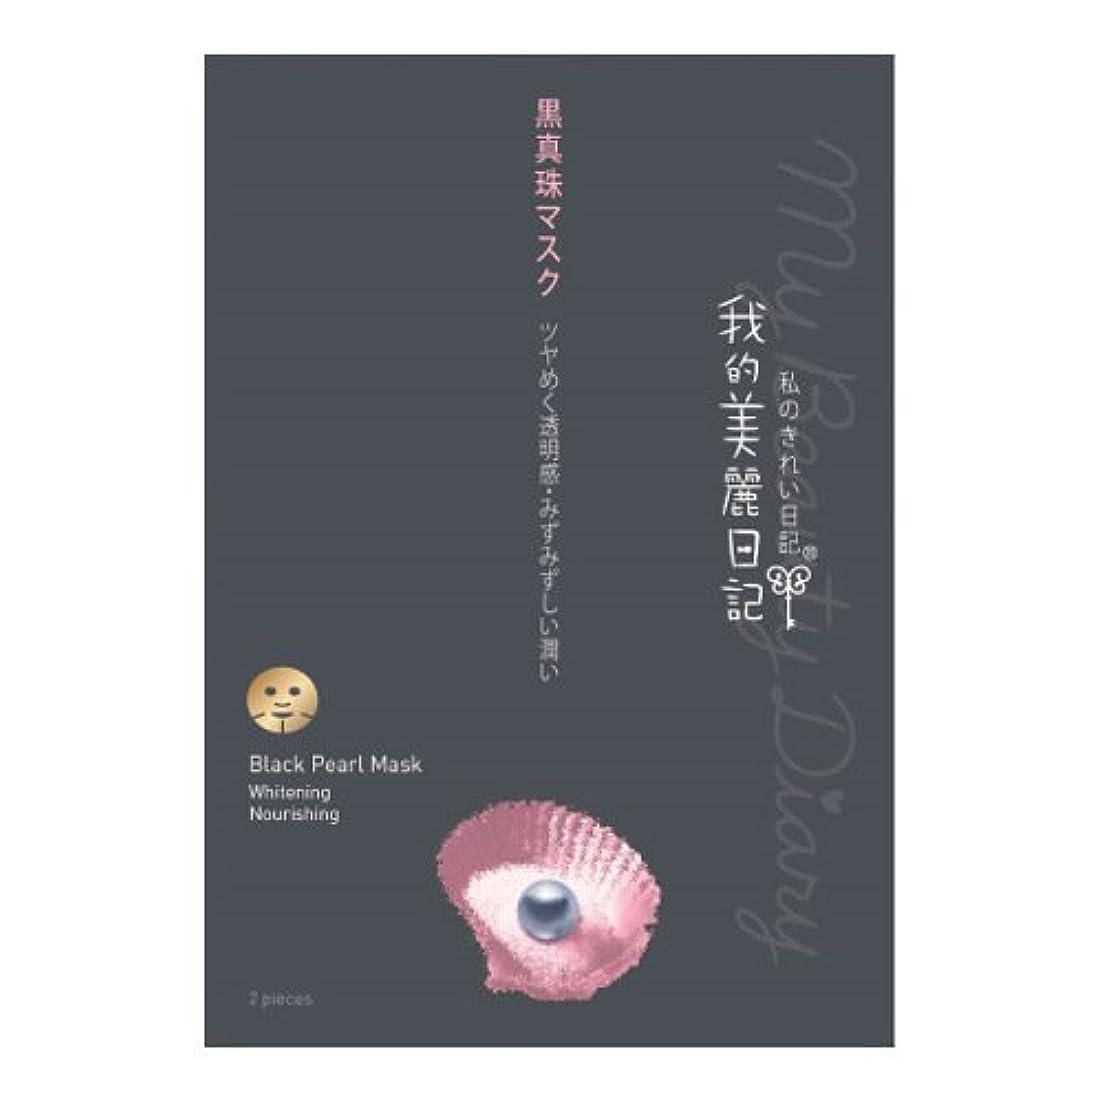 続ける卑しい配管我的美麗日記 私のきれい日記 黒真珠マスク 23ml×2枚